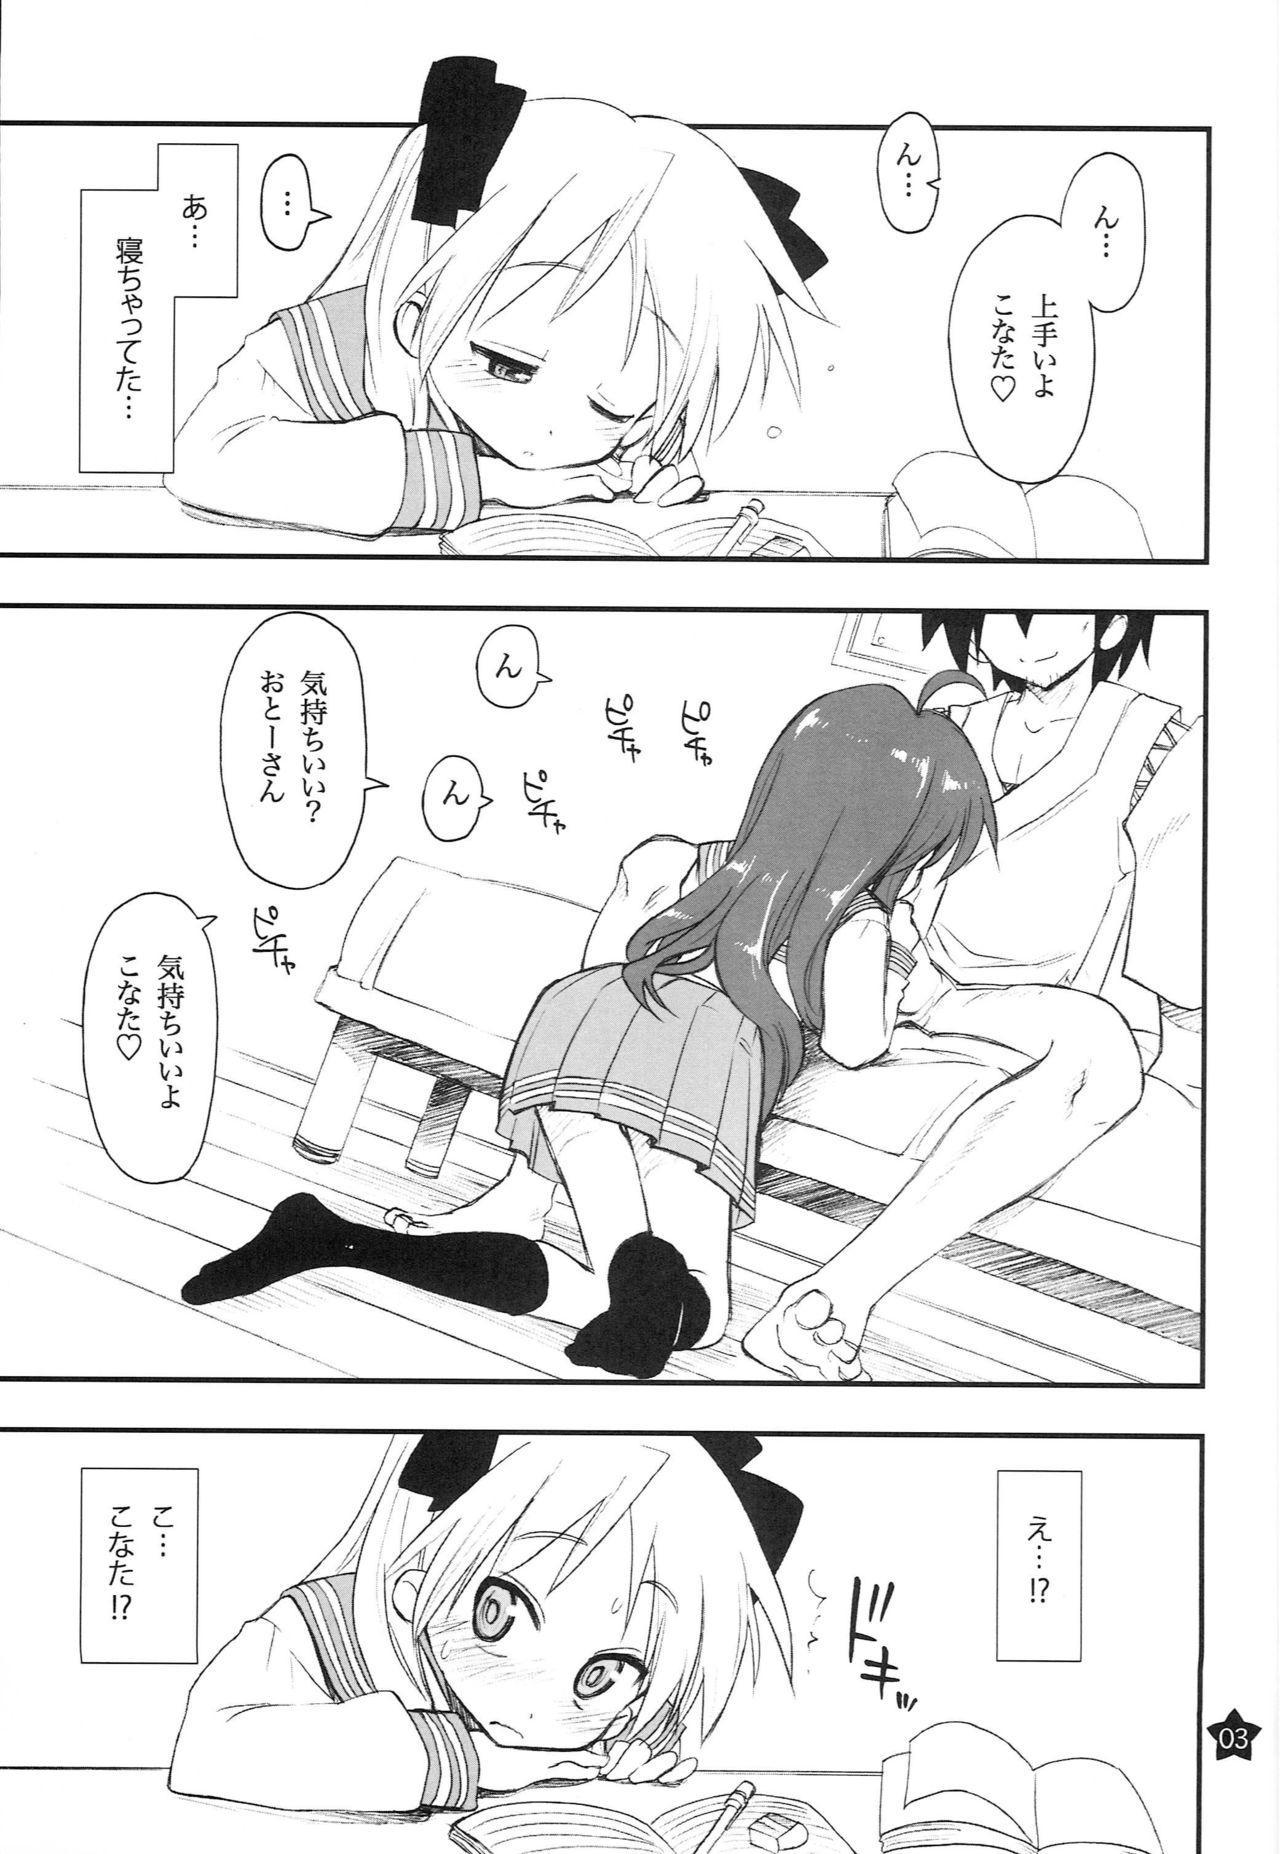 [Girigiri Nijiiro (Kamino Ryu-ya)] Ohirune Shitetara Kona-chan to Onee-chan ga Kona-chan no Oji-san ni... (Lucky Star) [2009-06-09] 1